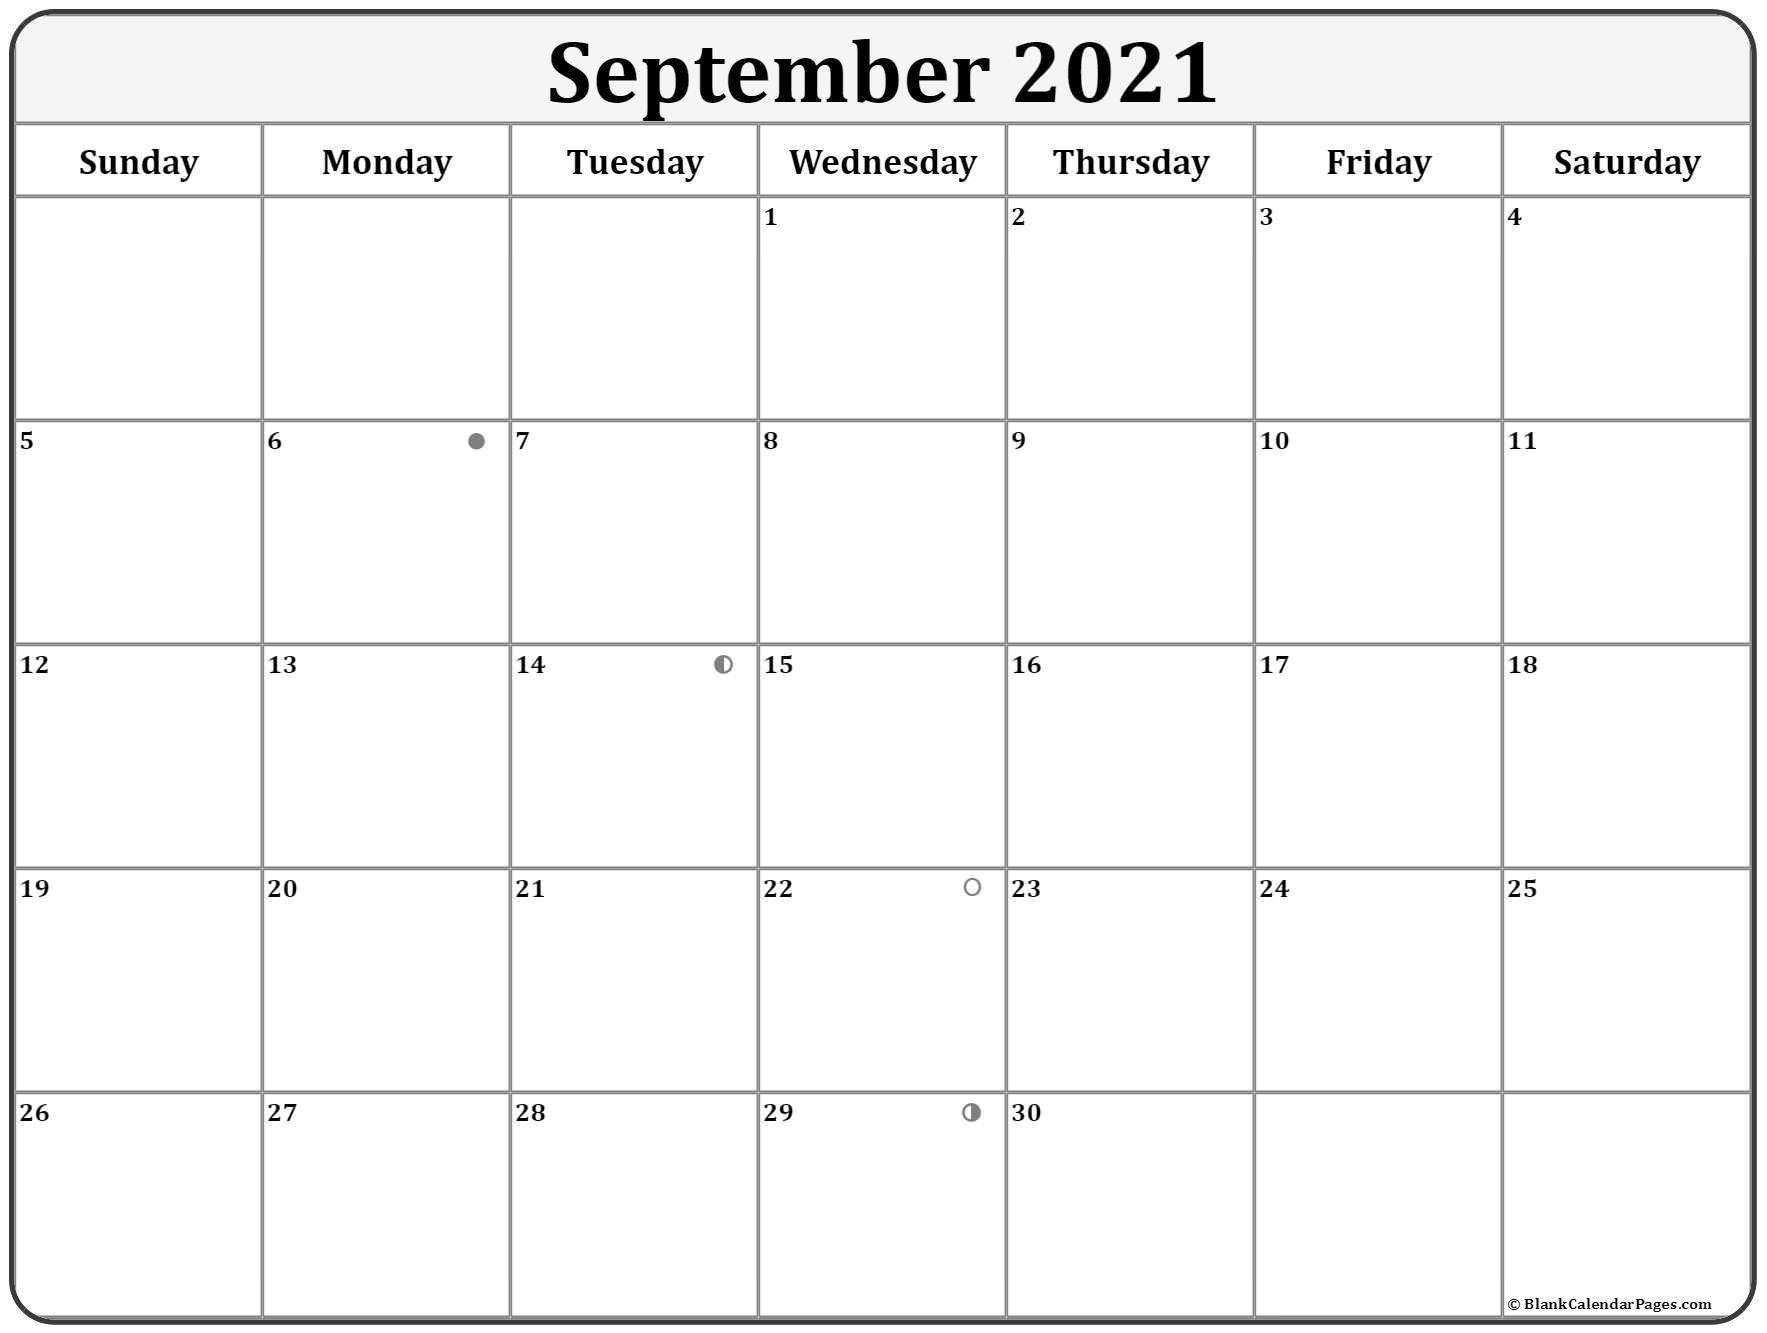 Take Moon Chart September 2021